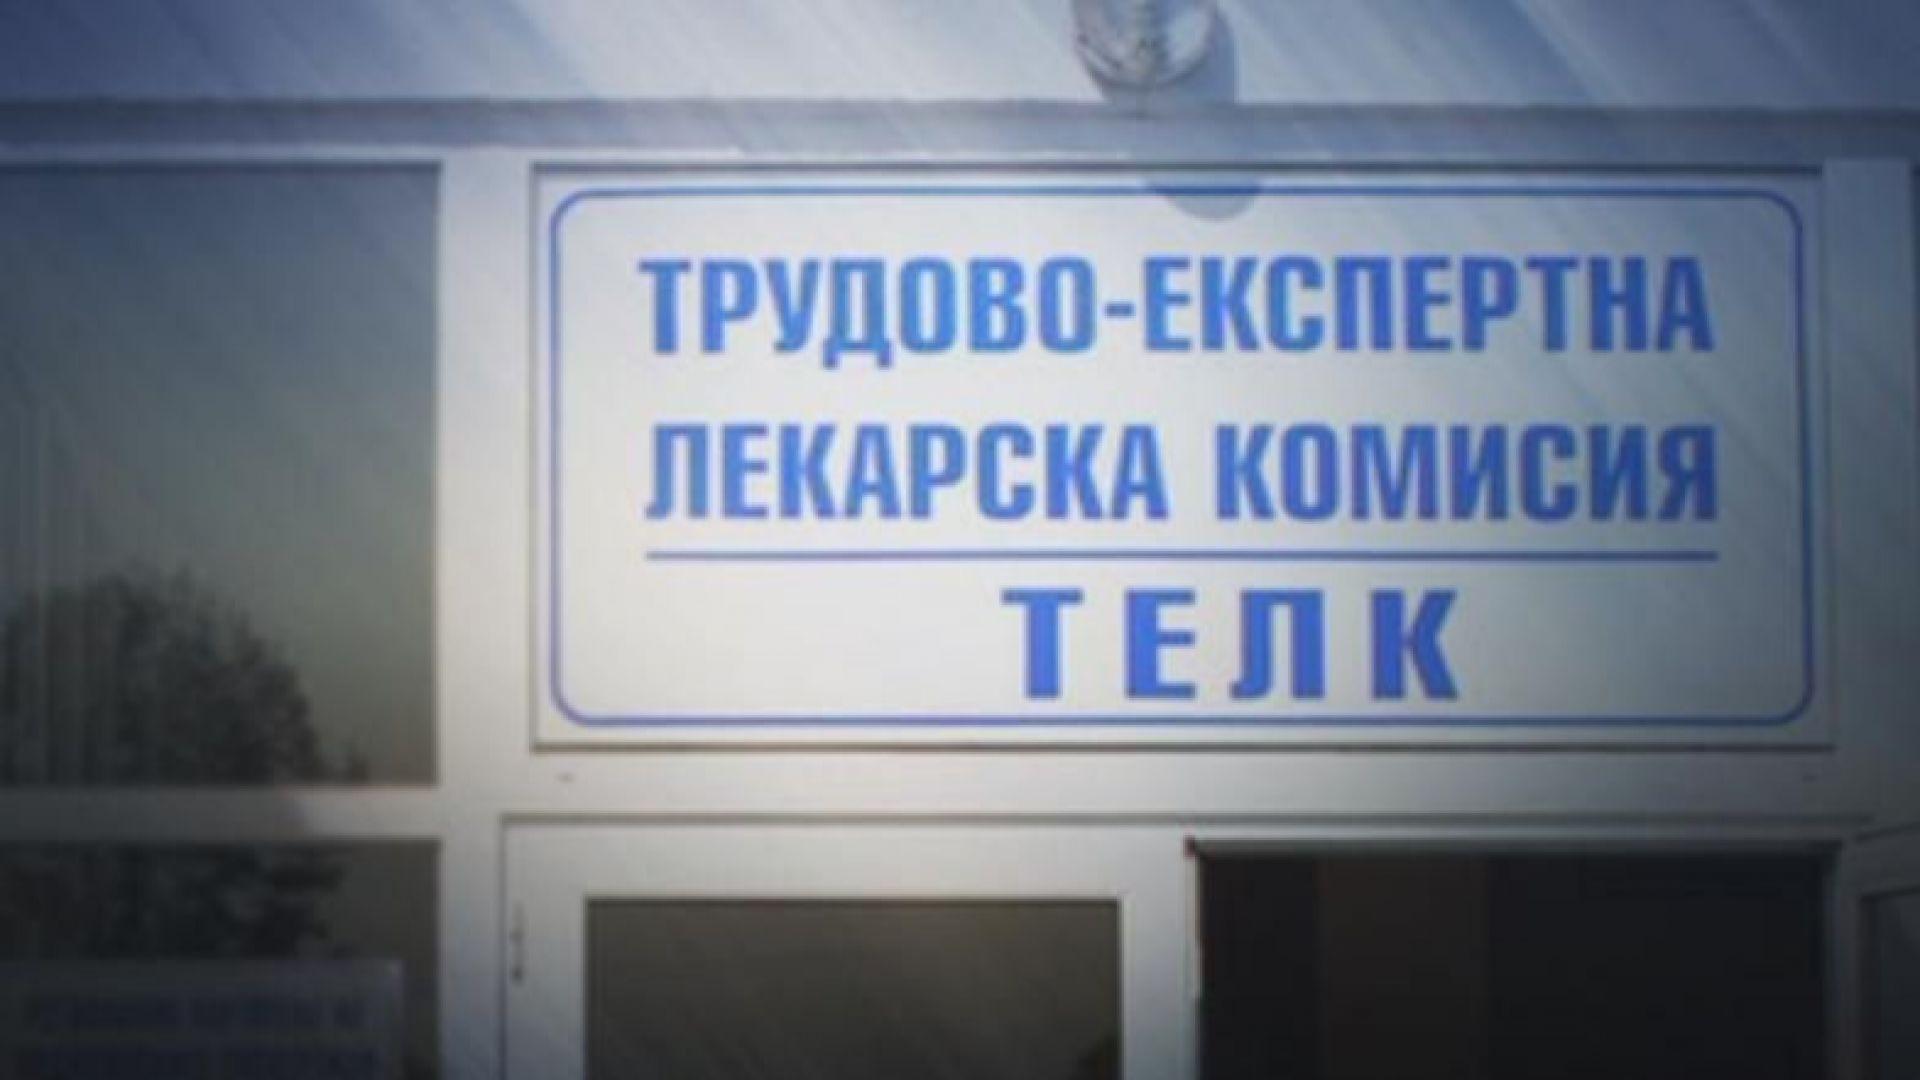 Арестуваха лекари във Варна, заради фалшиви ТЕЛК решения